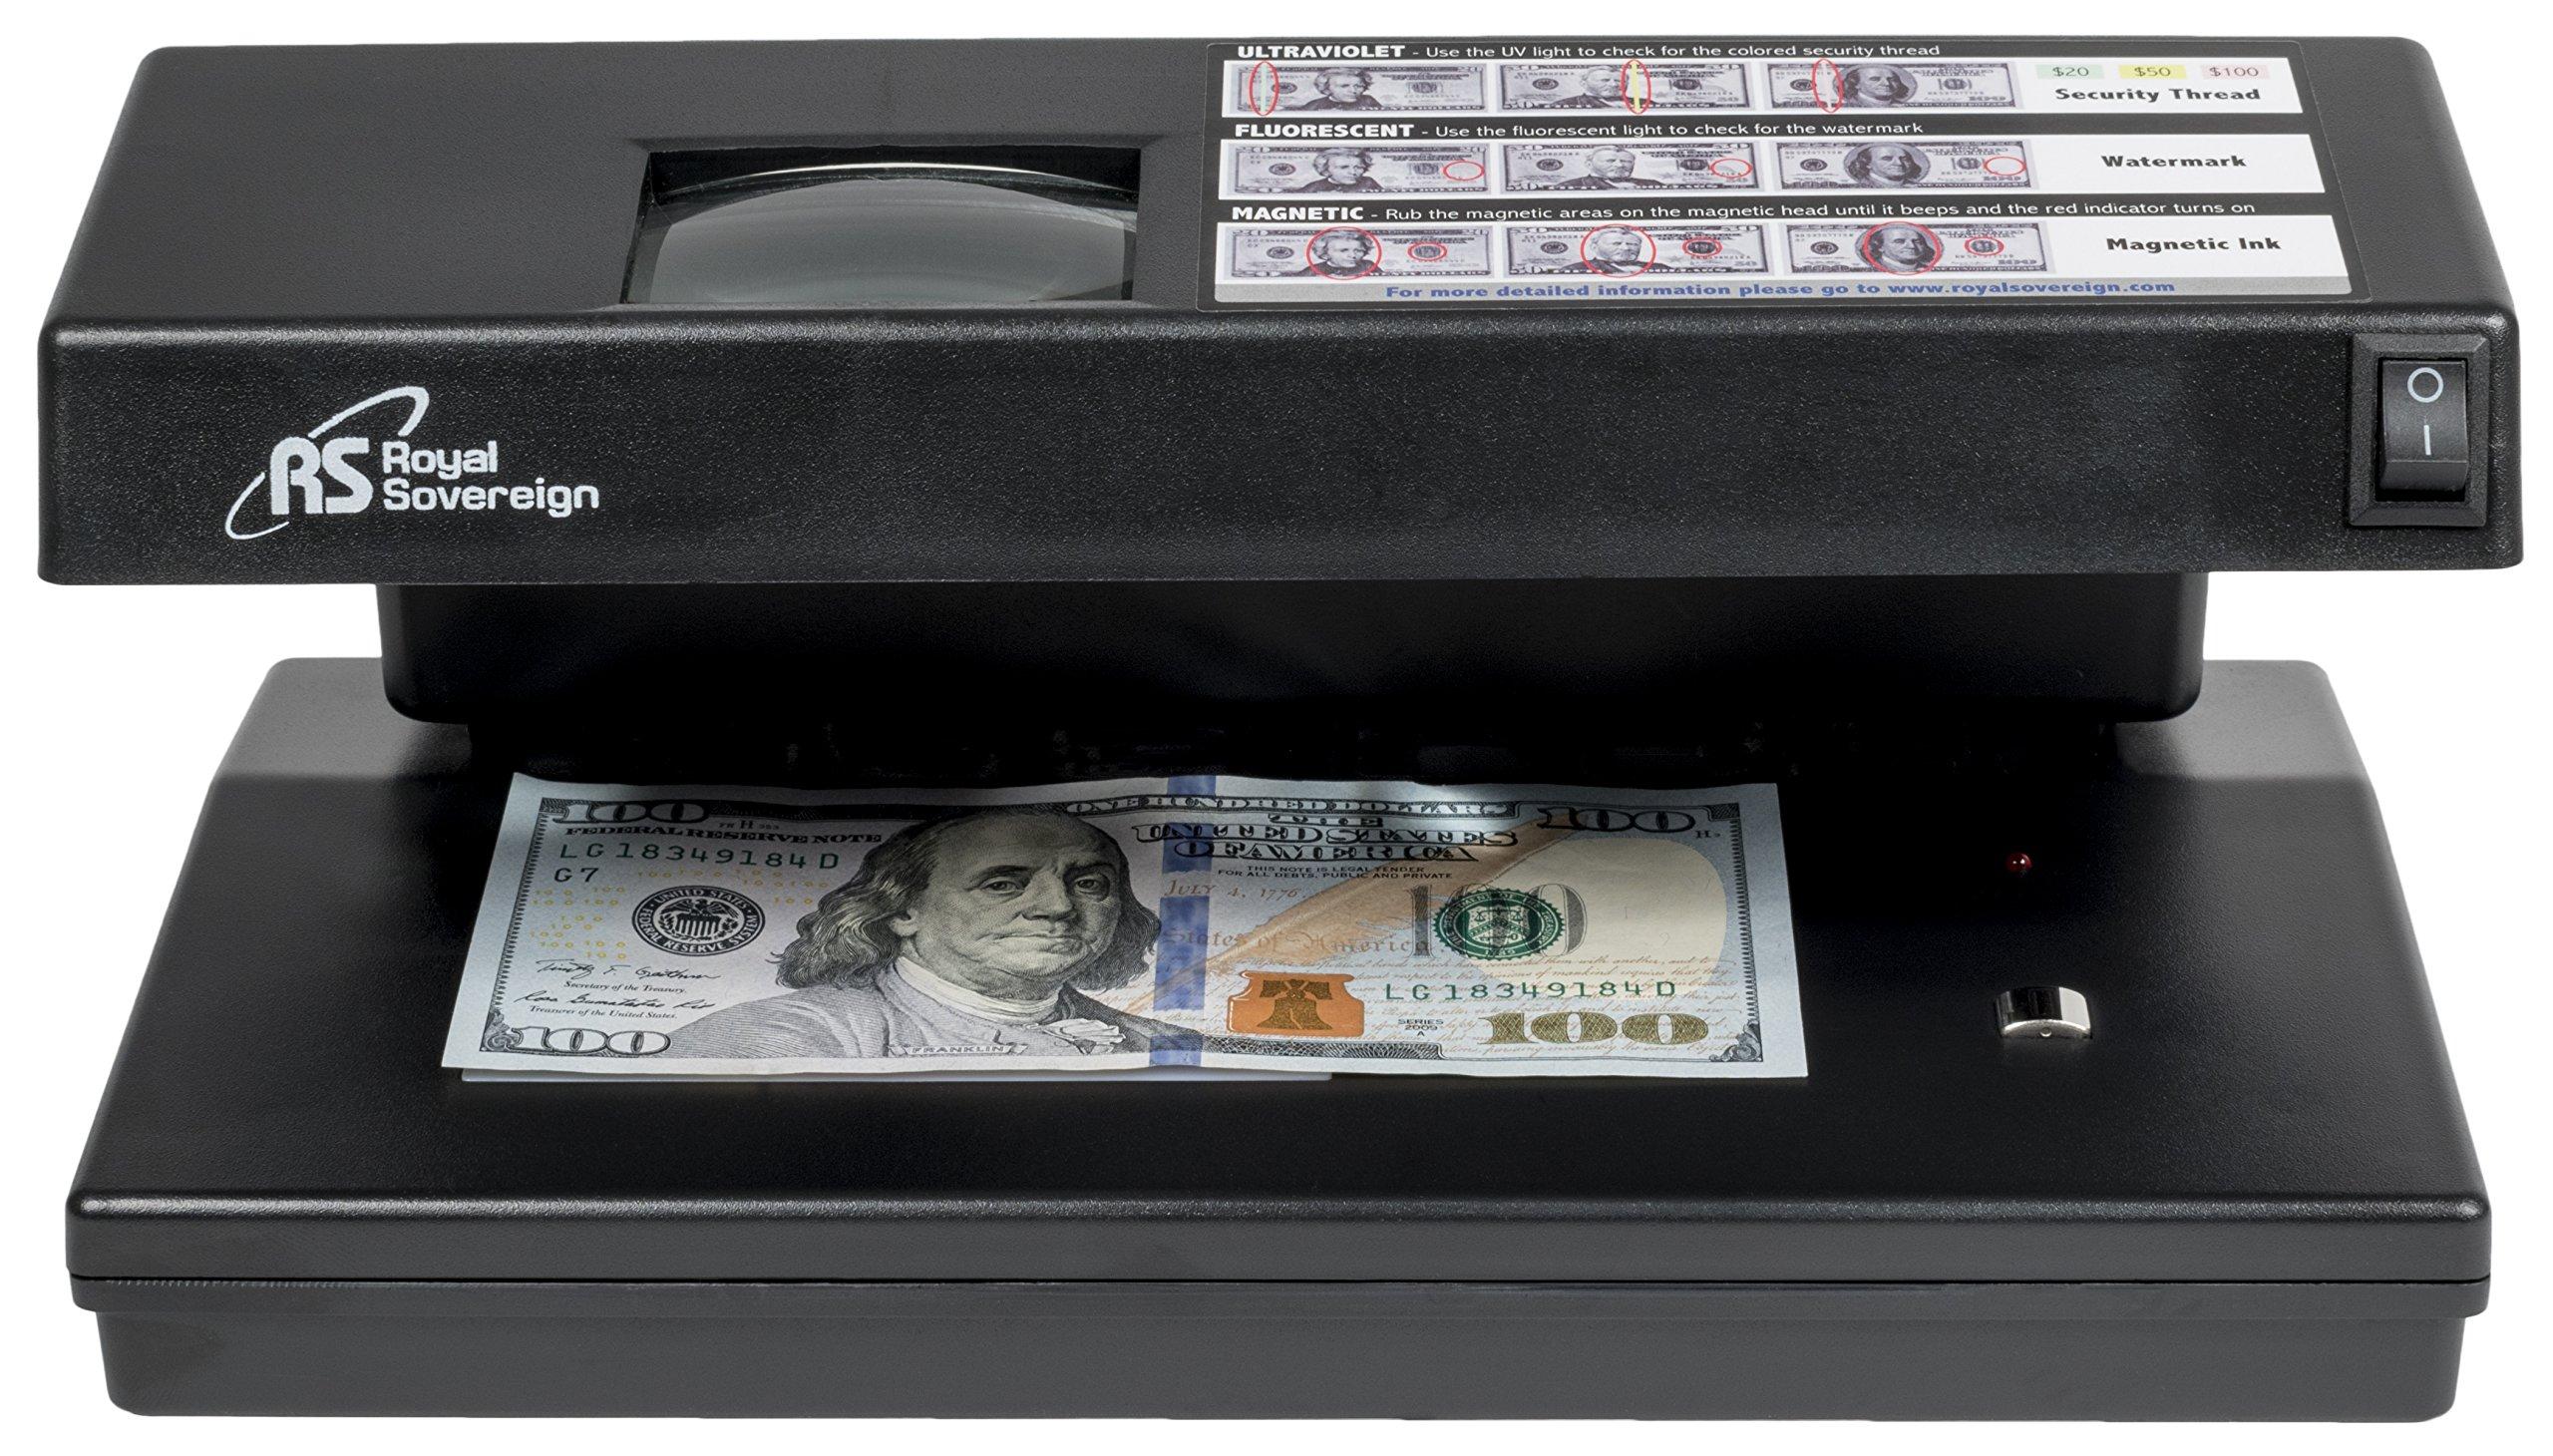 Royal Sovereign Countertop Four-Way Counterfeit Detector (RCD-2000)